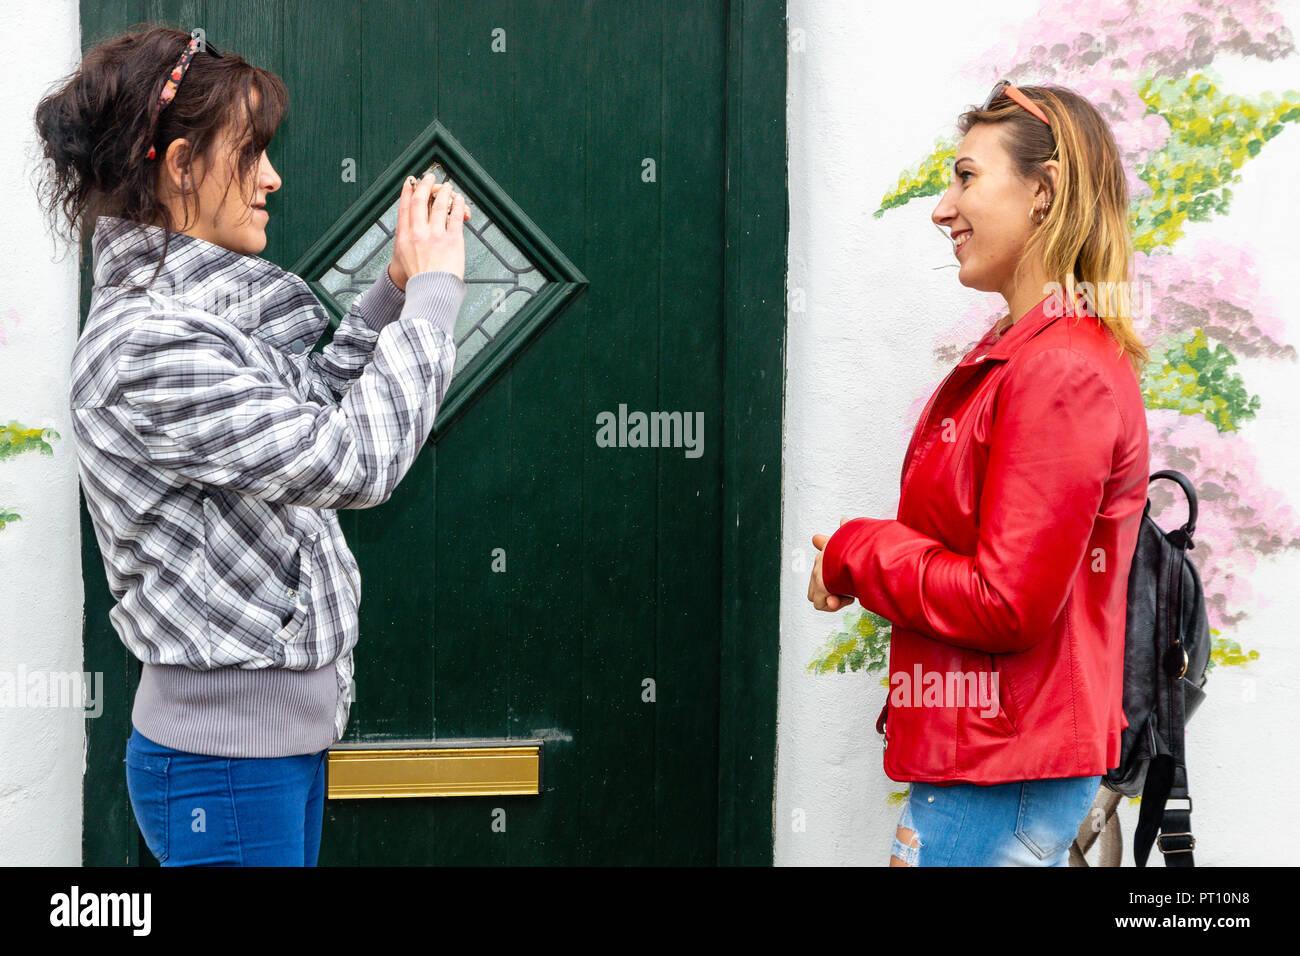 297434a5c4c6ae Zwei Frauen legere Straße Kleidung Stockfoto, Bild: 221298708 - Alamy